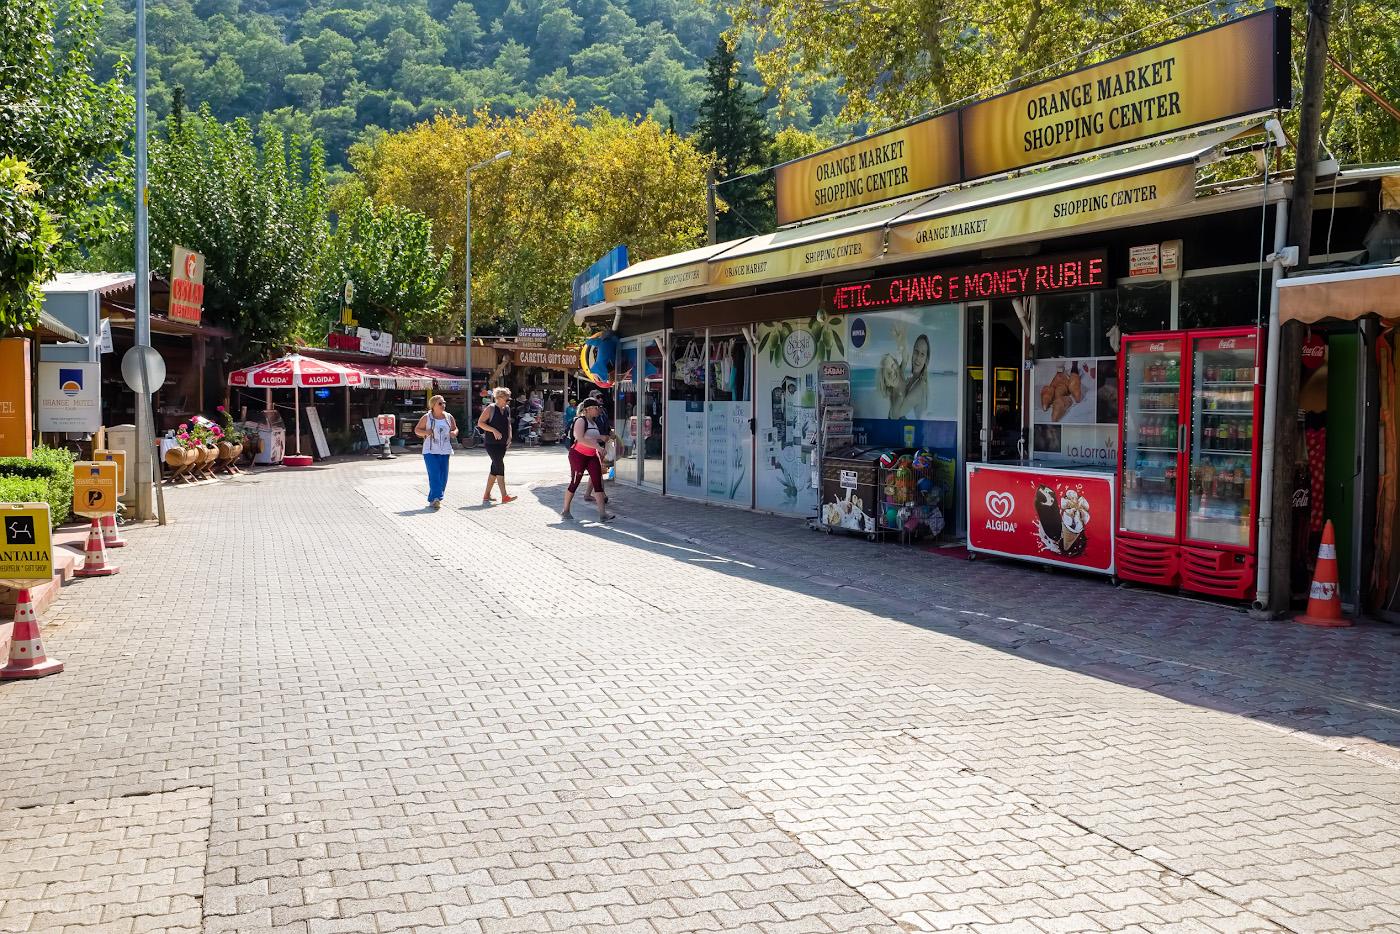 Фото 46. Так выглядит магазин «Orange Market» в Чиралы, где можно купить продукты, спиртное (вино, пиво, крепкие напитки) и все необходимое туристу. Очень вкусная клубника у них. 1/250, 8.0, 200, 24.